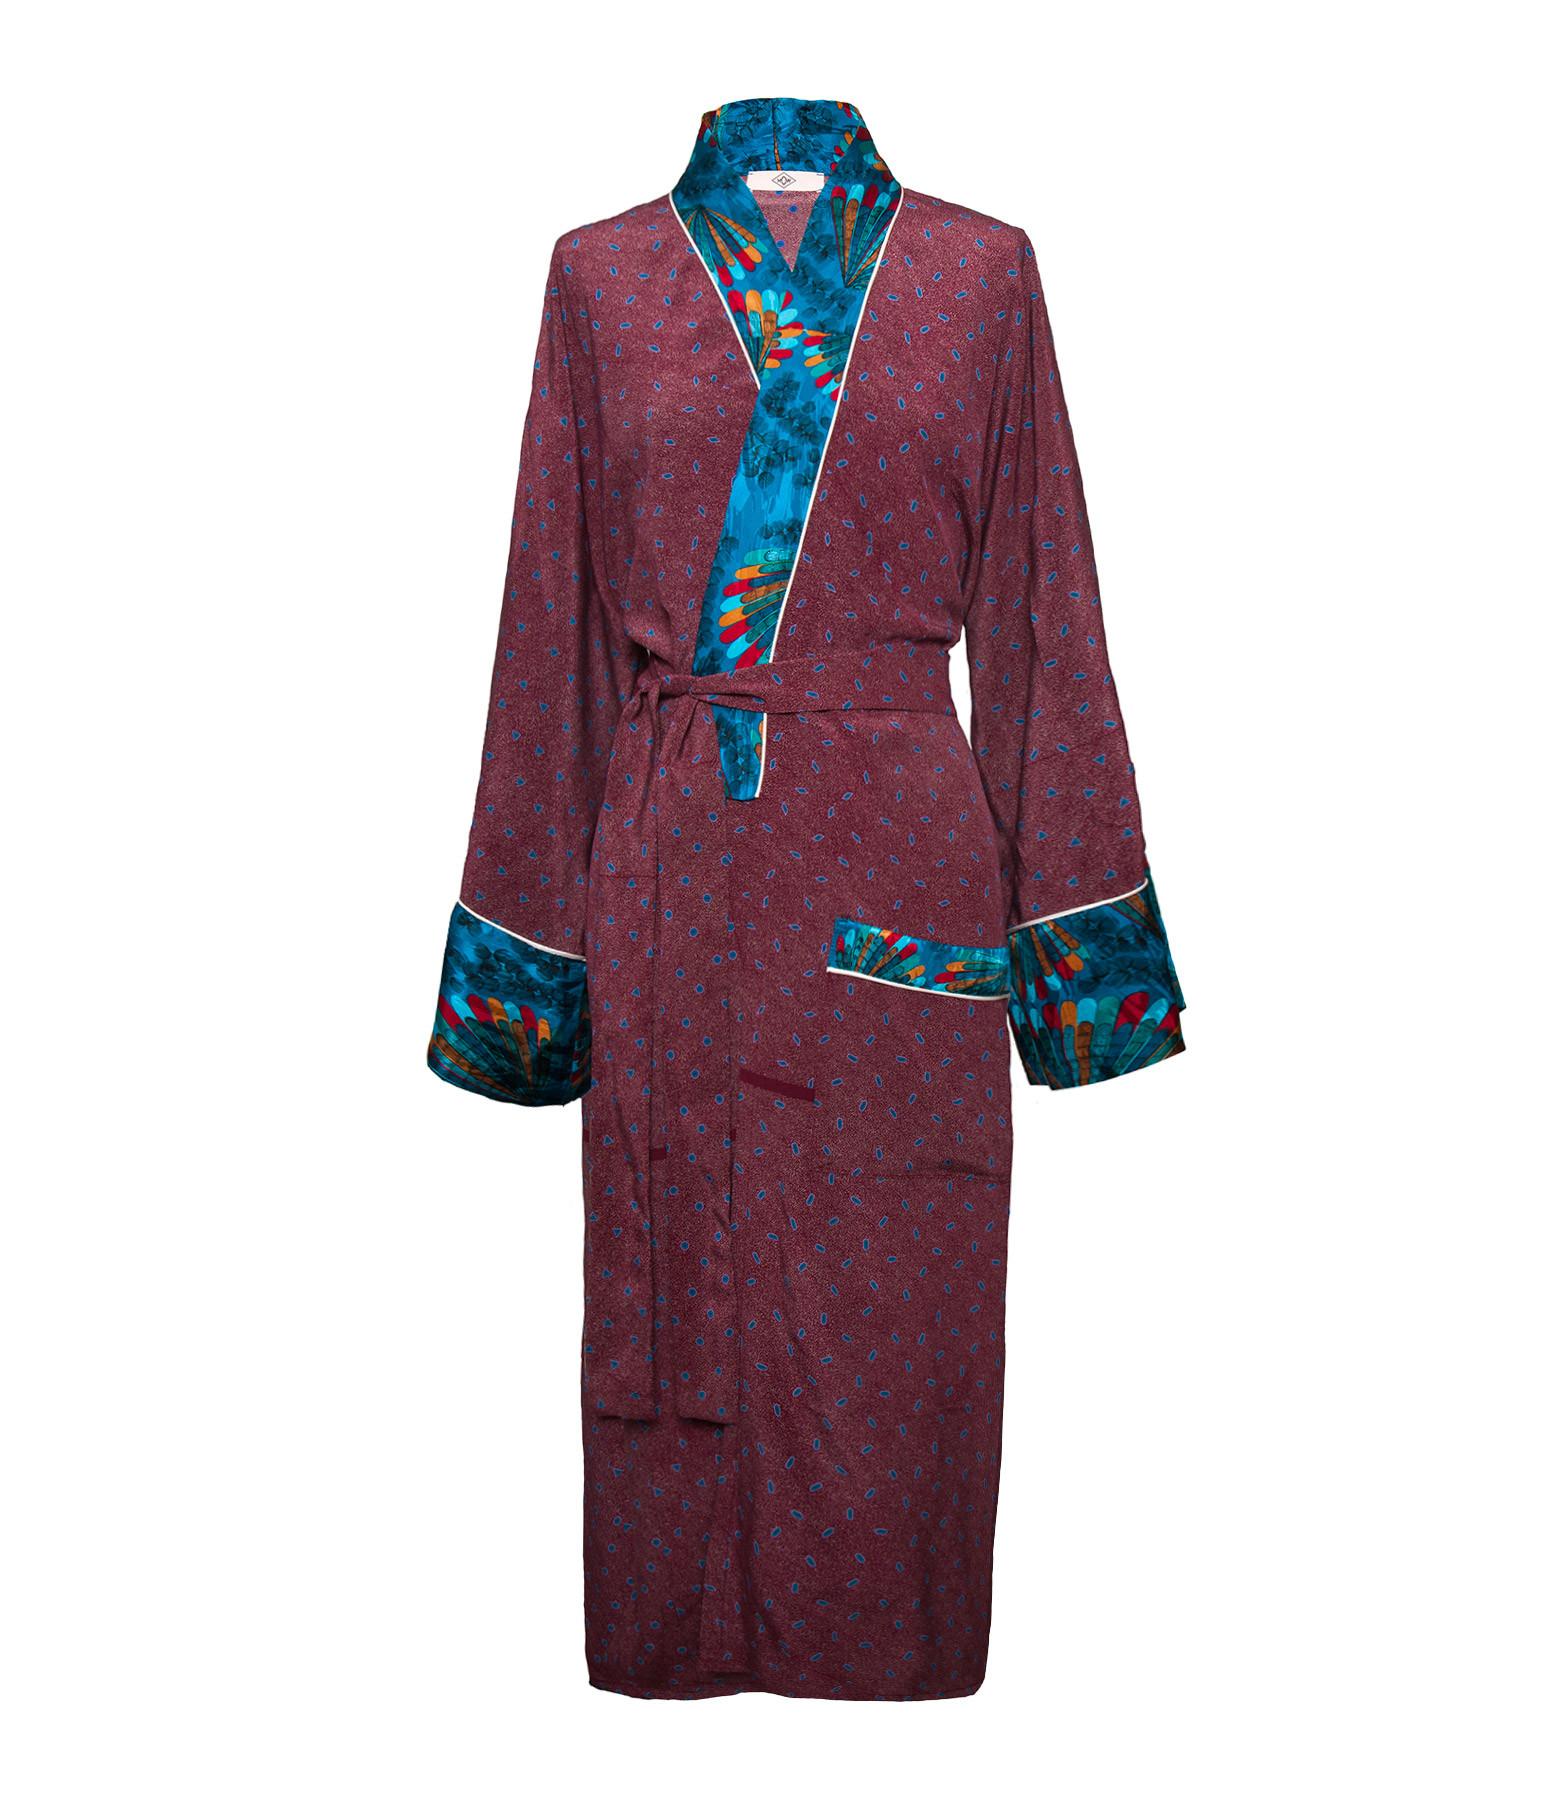 MOW PARIS - Kimono Mademoiselle Soie Imprimé Luno Gildo